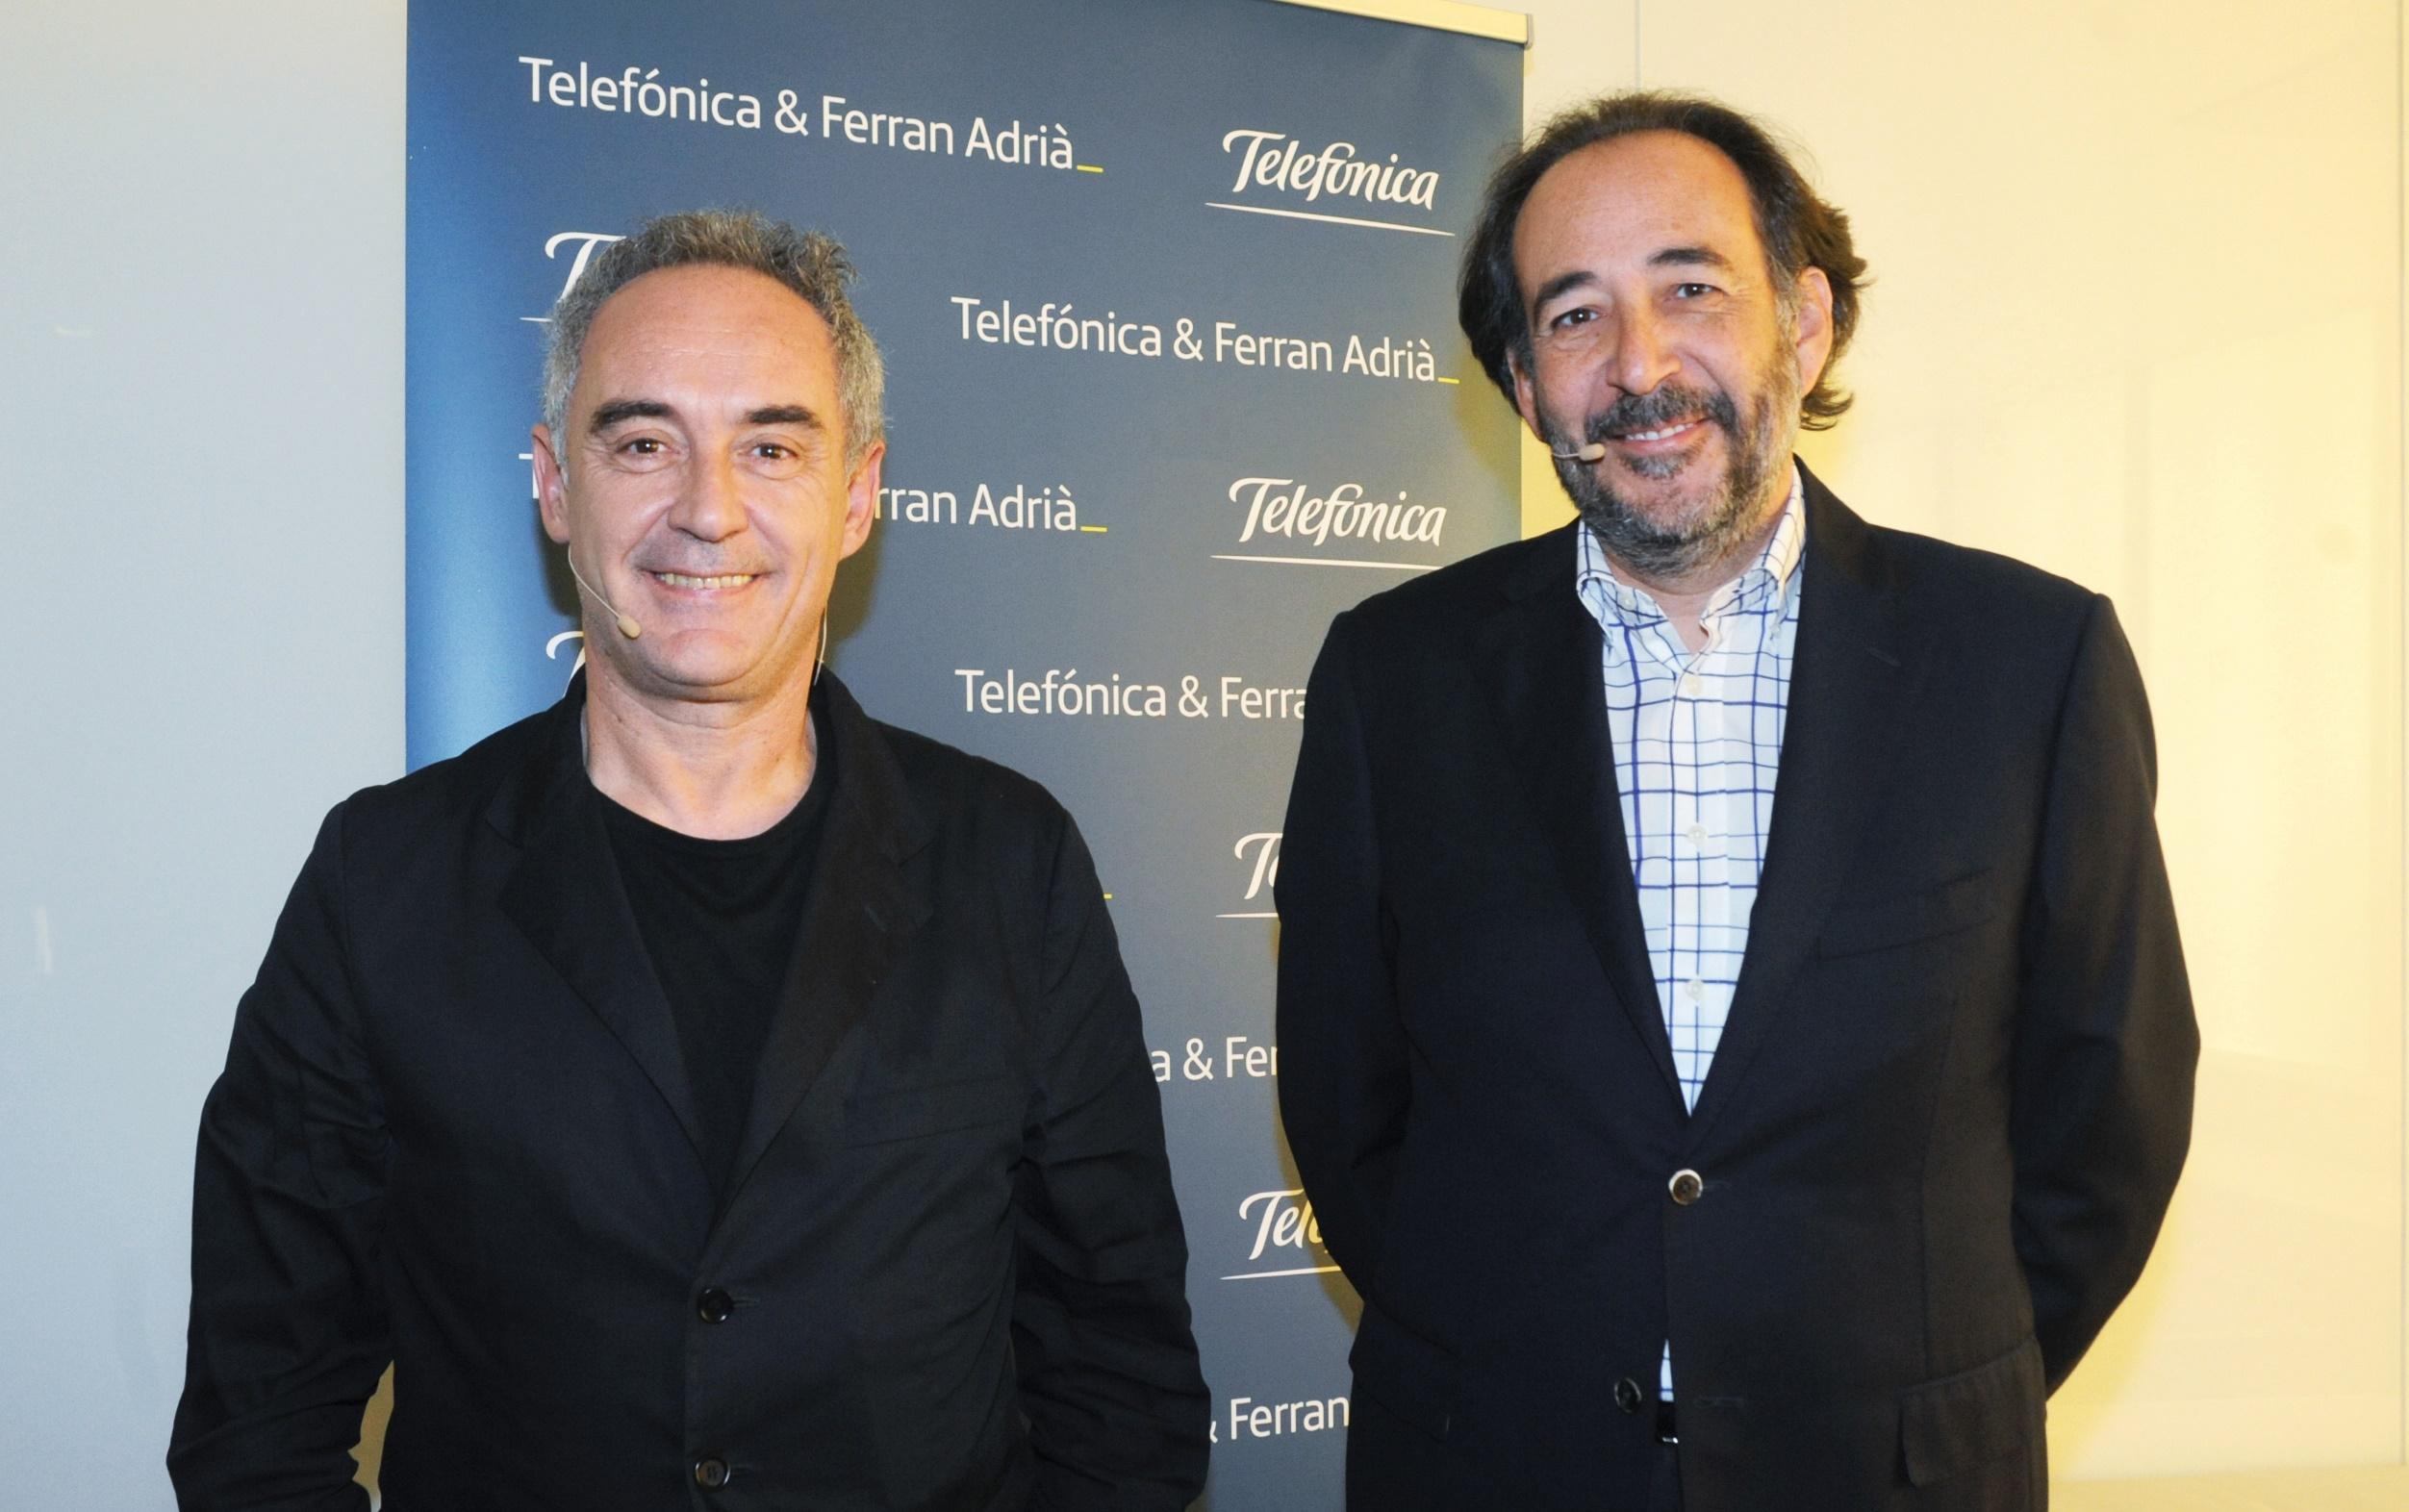 Telefonica renueva alianza con Ferran Adria1